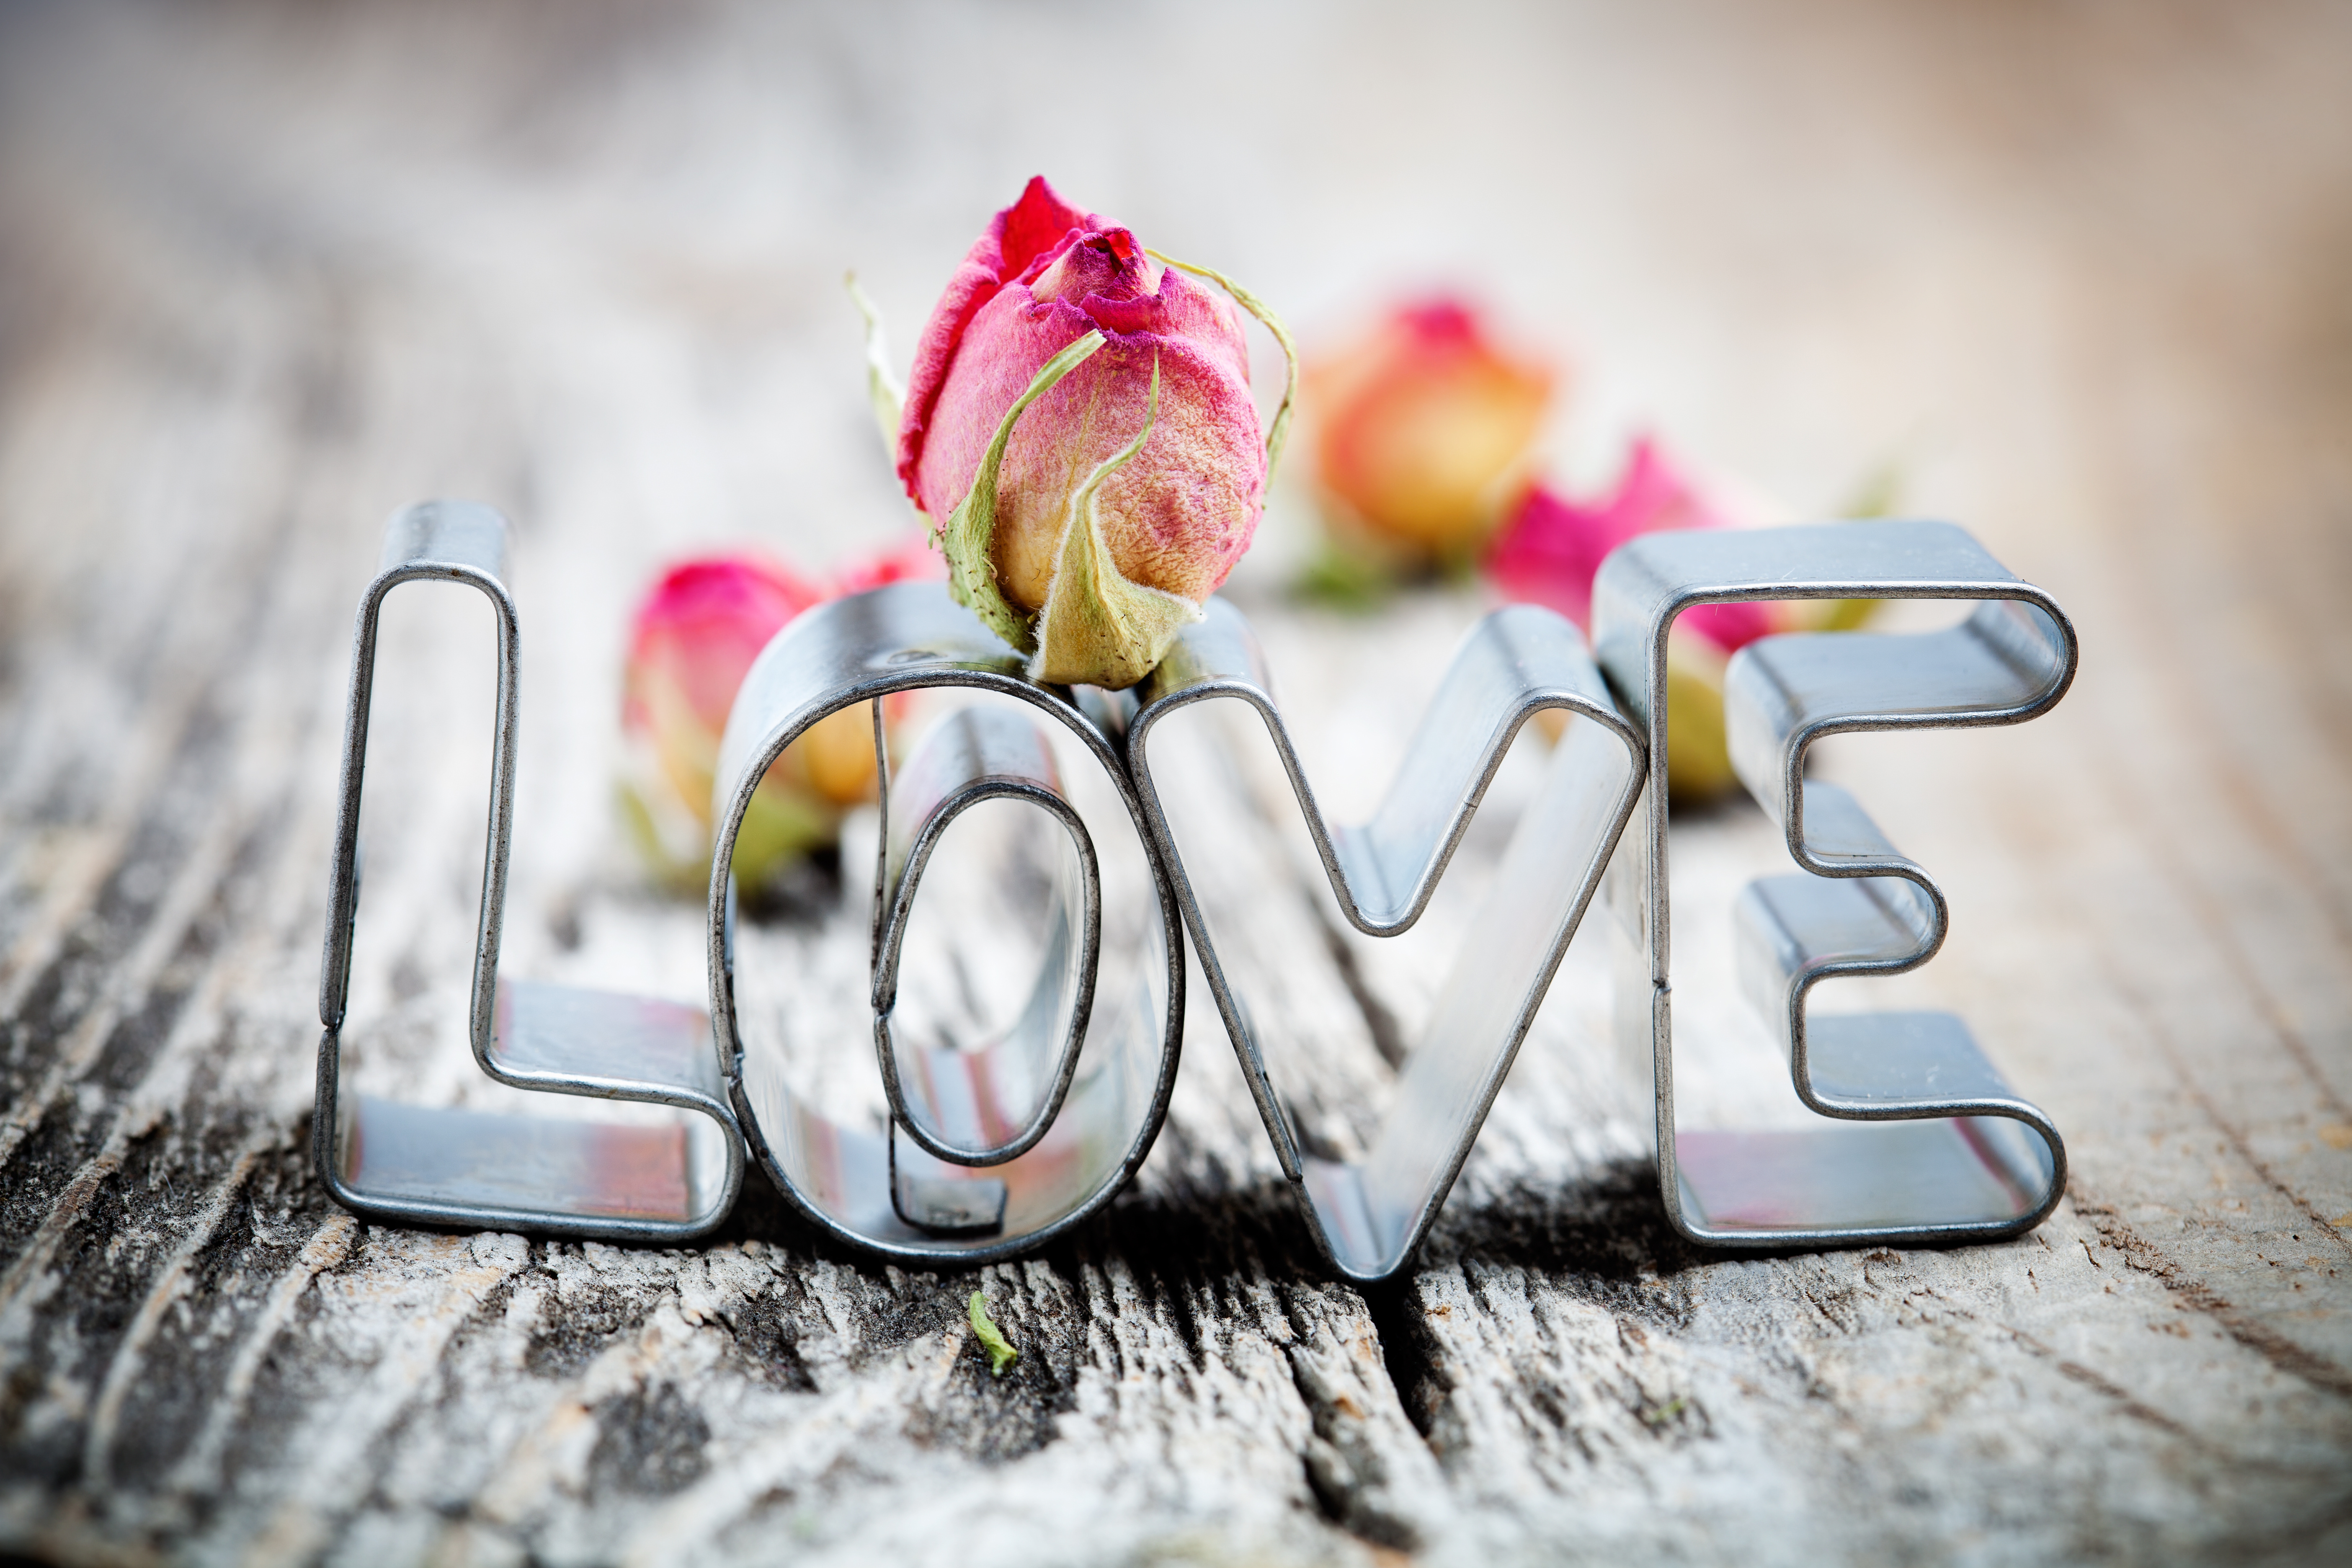 обои на рабочий стол про любовь на весь экран бесплатно № 24037  скачать